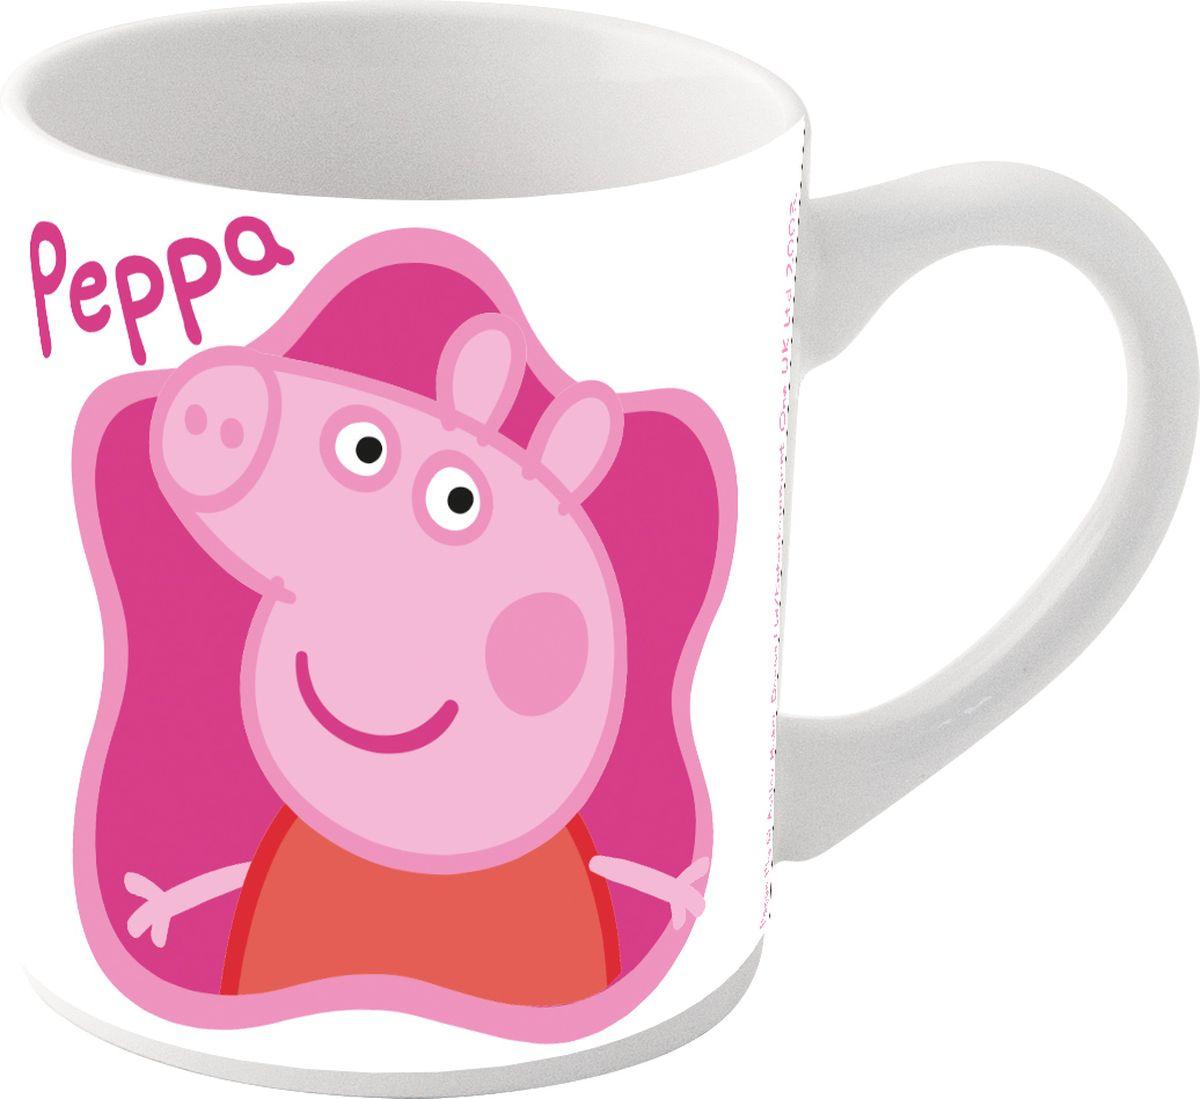 Stor Кружка детская Свинка Пеппа 325 мл в подарочной упаковке72706Оригинальная керамическая посуда с изображением любимых героев - прекрасный подарок для детей и взрослых. Можно использовать в СВЧ-печи и посудомоечной машине.Размер: 8,7 х 10 см.